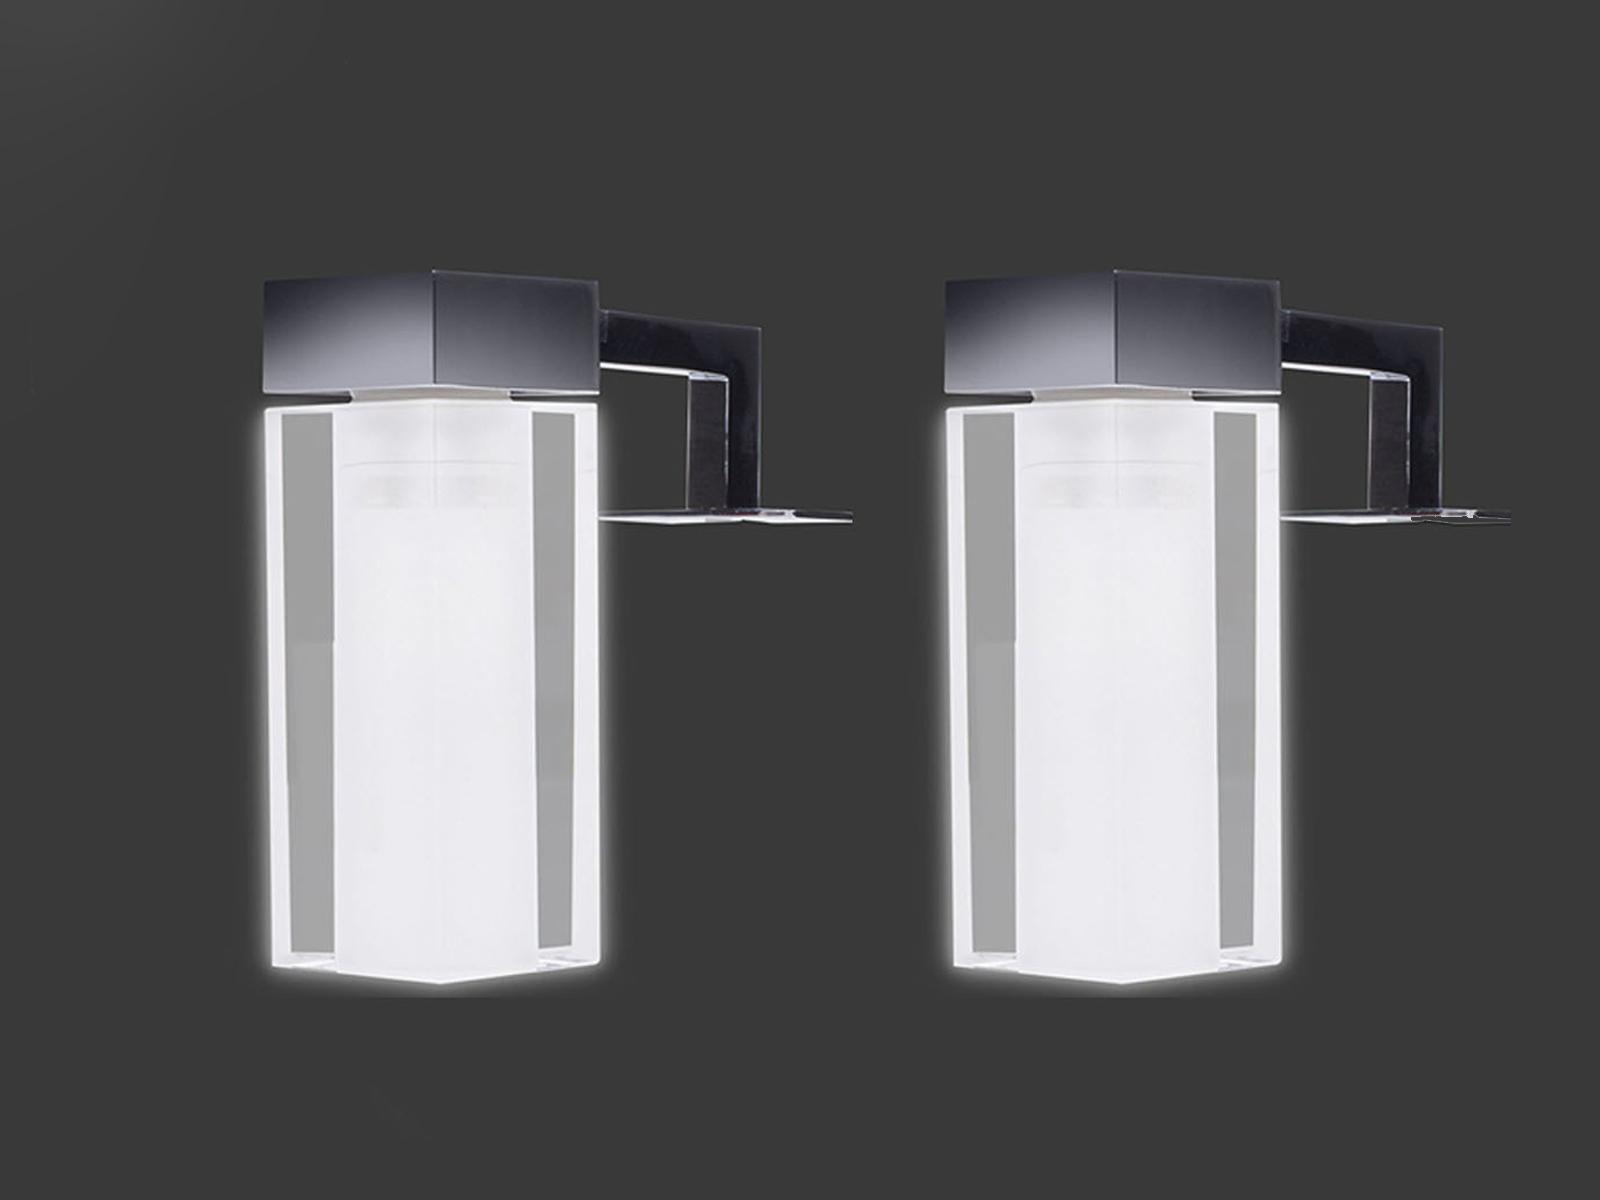 Eckige Lampen fürs Bad, 2x Spiegelleuchten Lampenschirme Glas ...